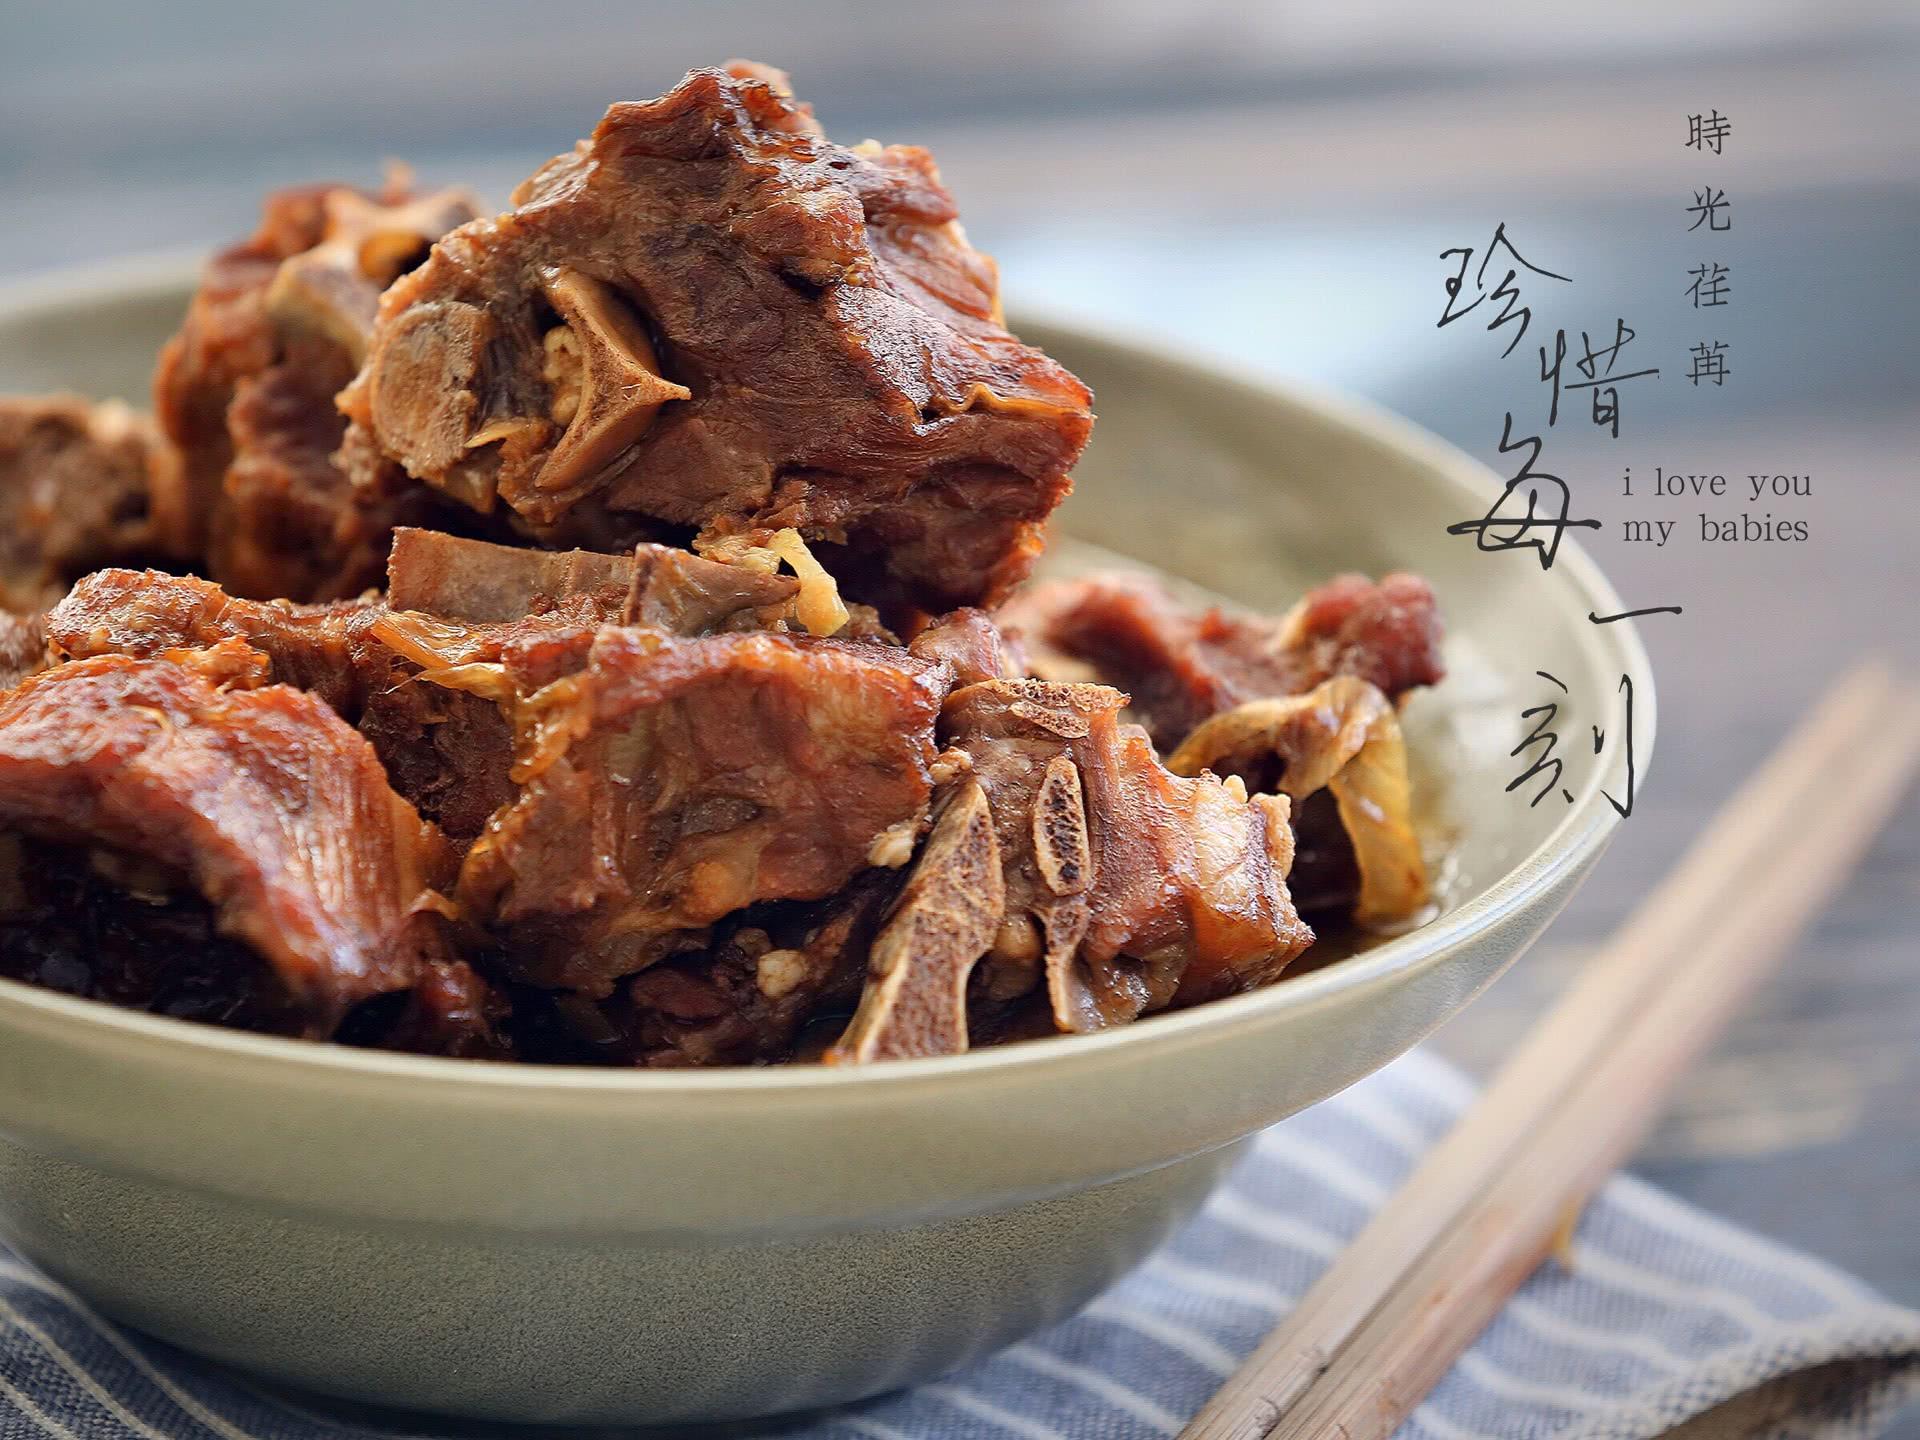 炖羊蝎子晋城现在敢给猪肉吃孩子吗图片